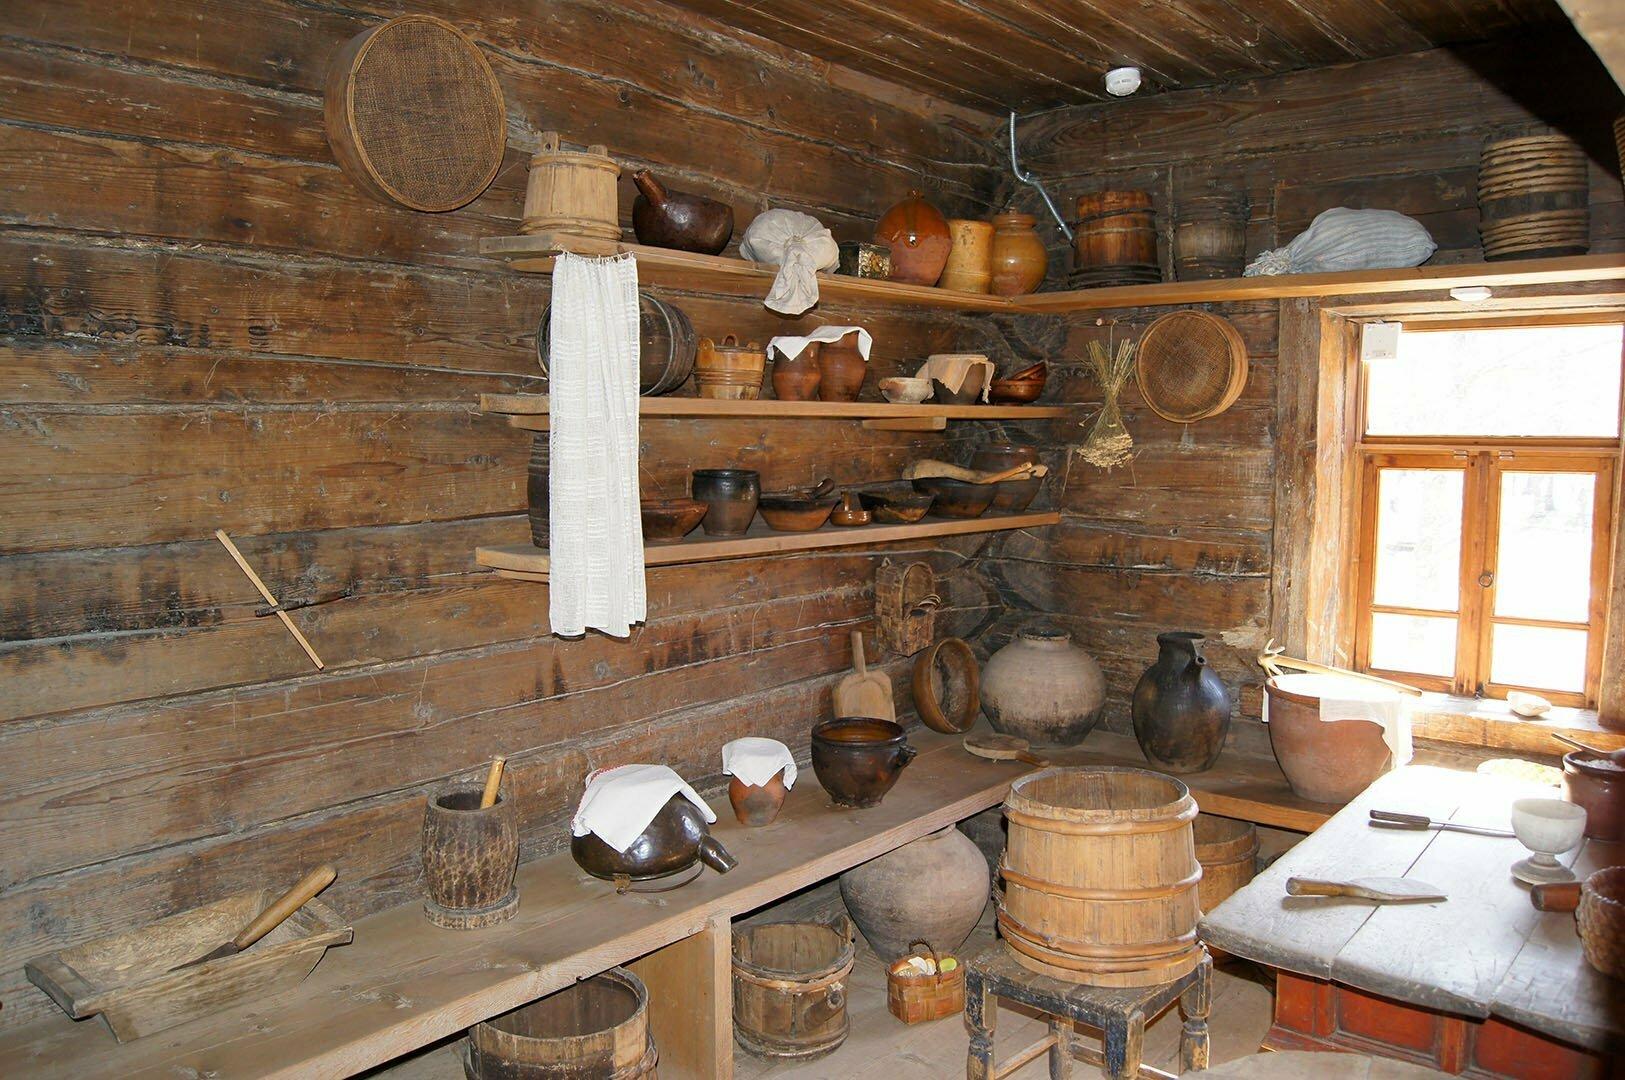 Кухонная утварь в избе Туницкого. Музей деревянного зодчества в Великом Новгороде